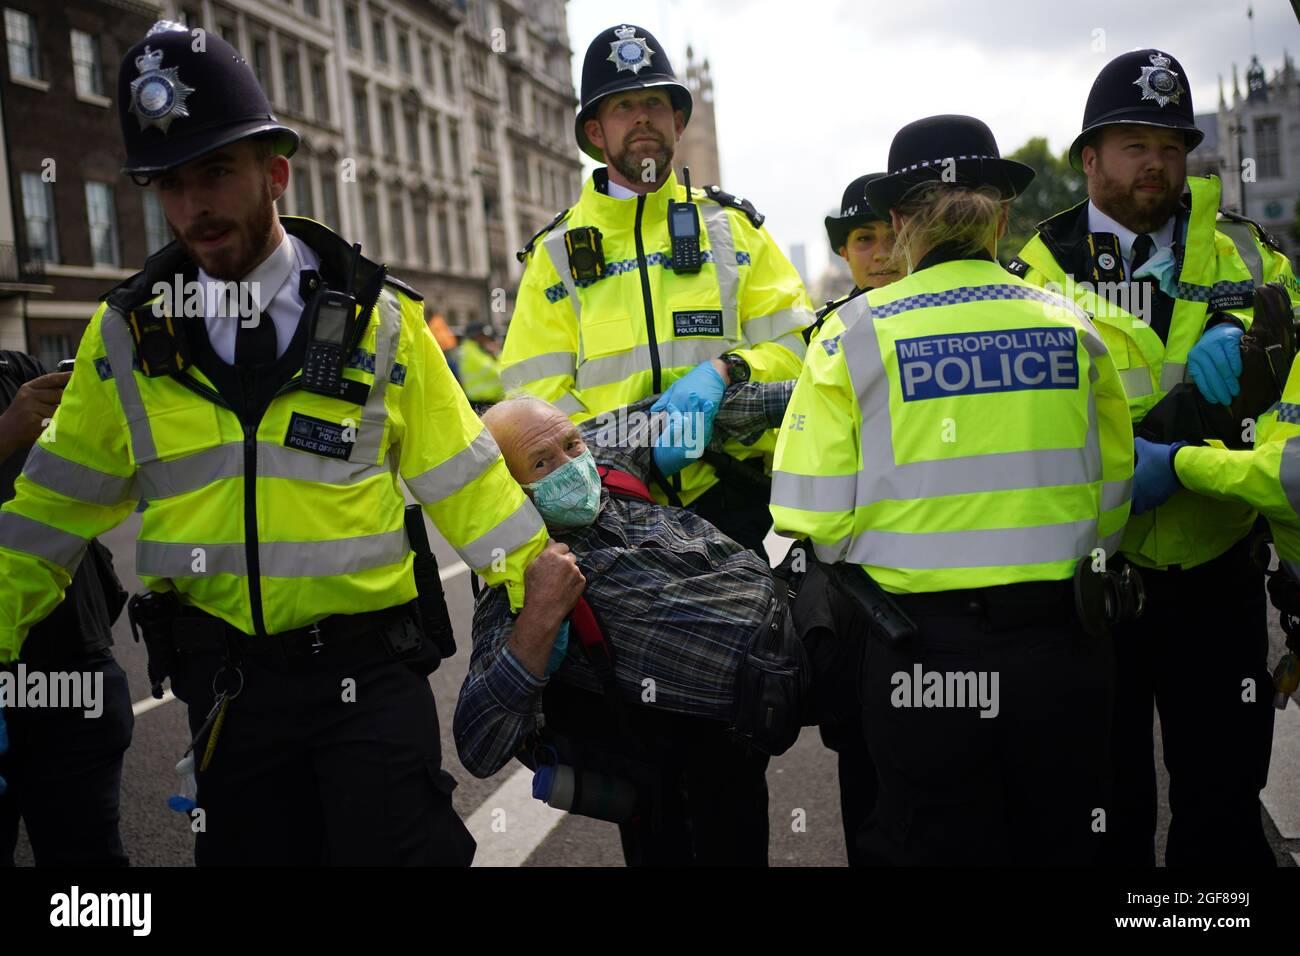 Die Polizei bringt einen Demonstranten während eines Protestes von Mitgliedern des Extinction Rebellion in Whitehall, im Zentrum von London, mit. Bilddatum: Dienstag, 24. August 2021. Stockfoto